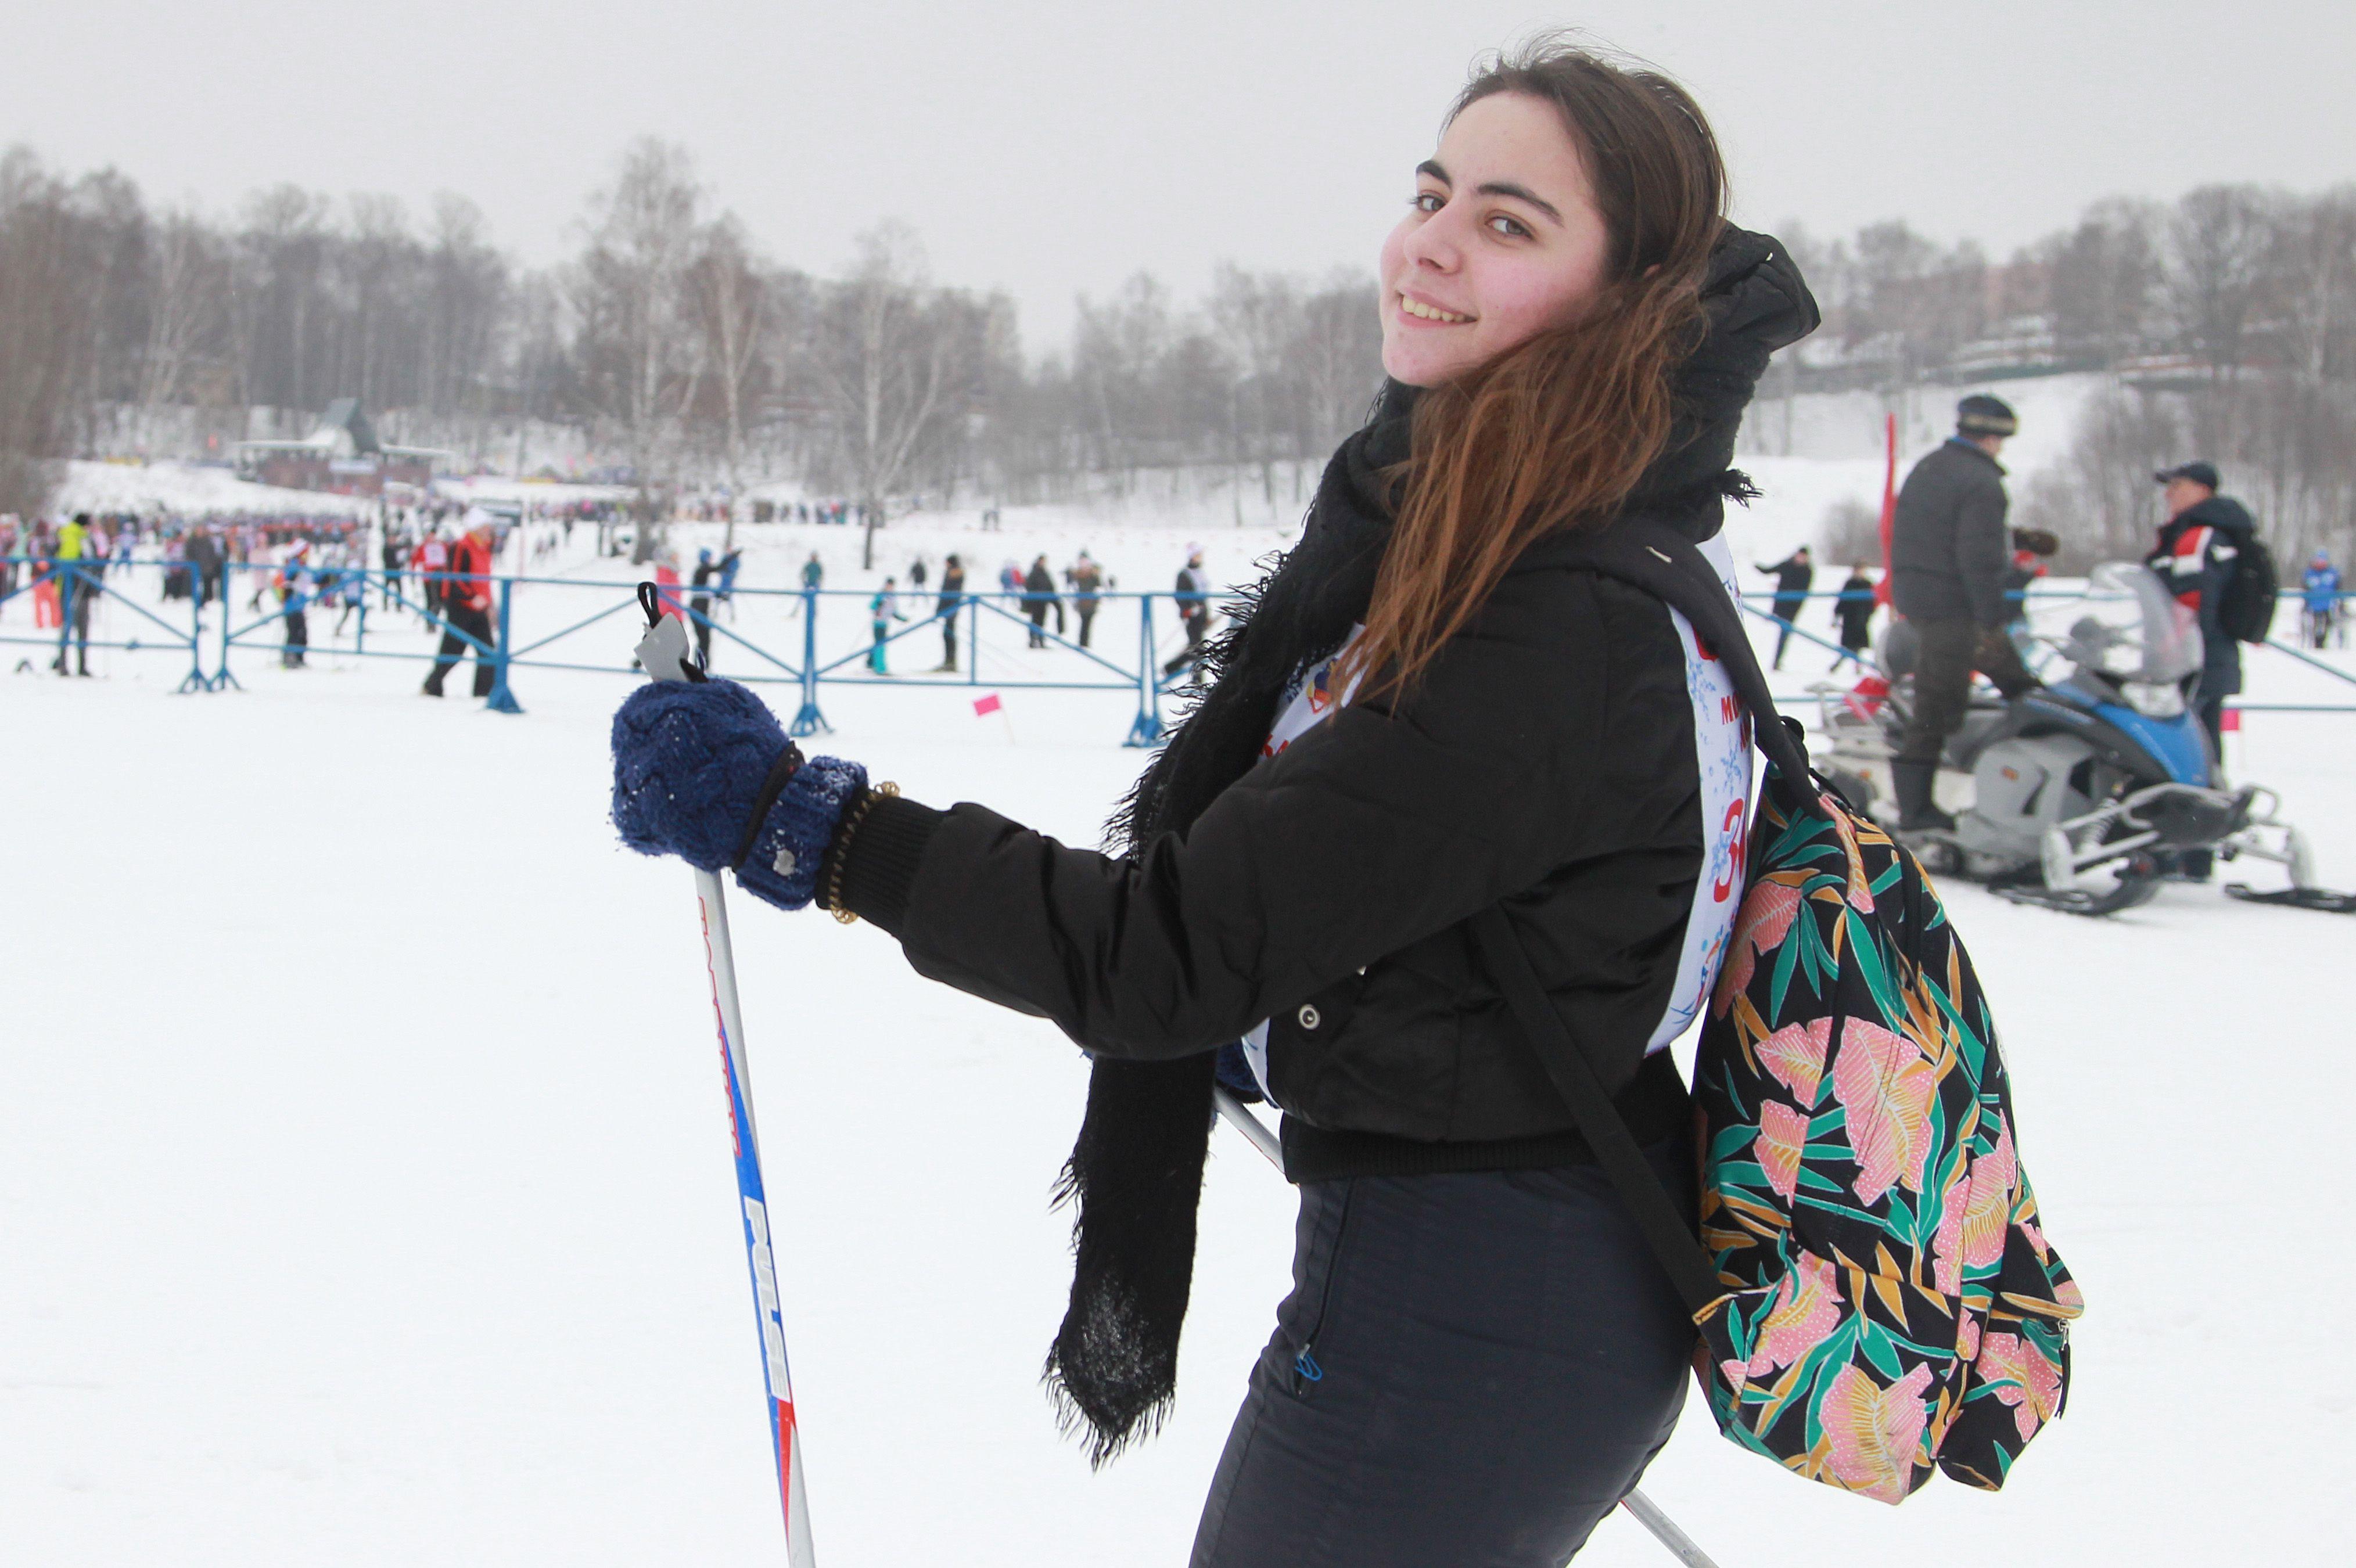 Строительство лыжной трассы завершили сотрудники клуба «Медведь» в Шишкином Лесу